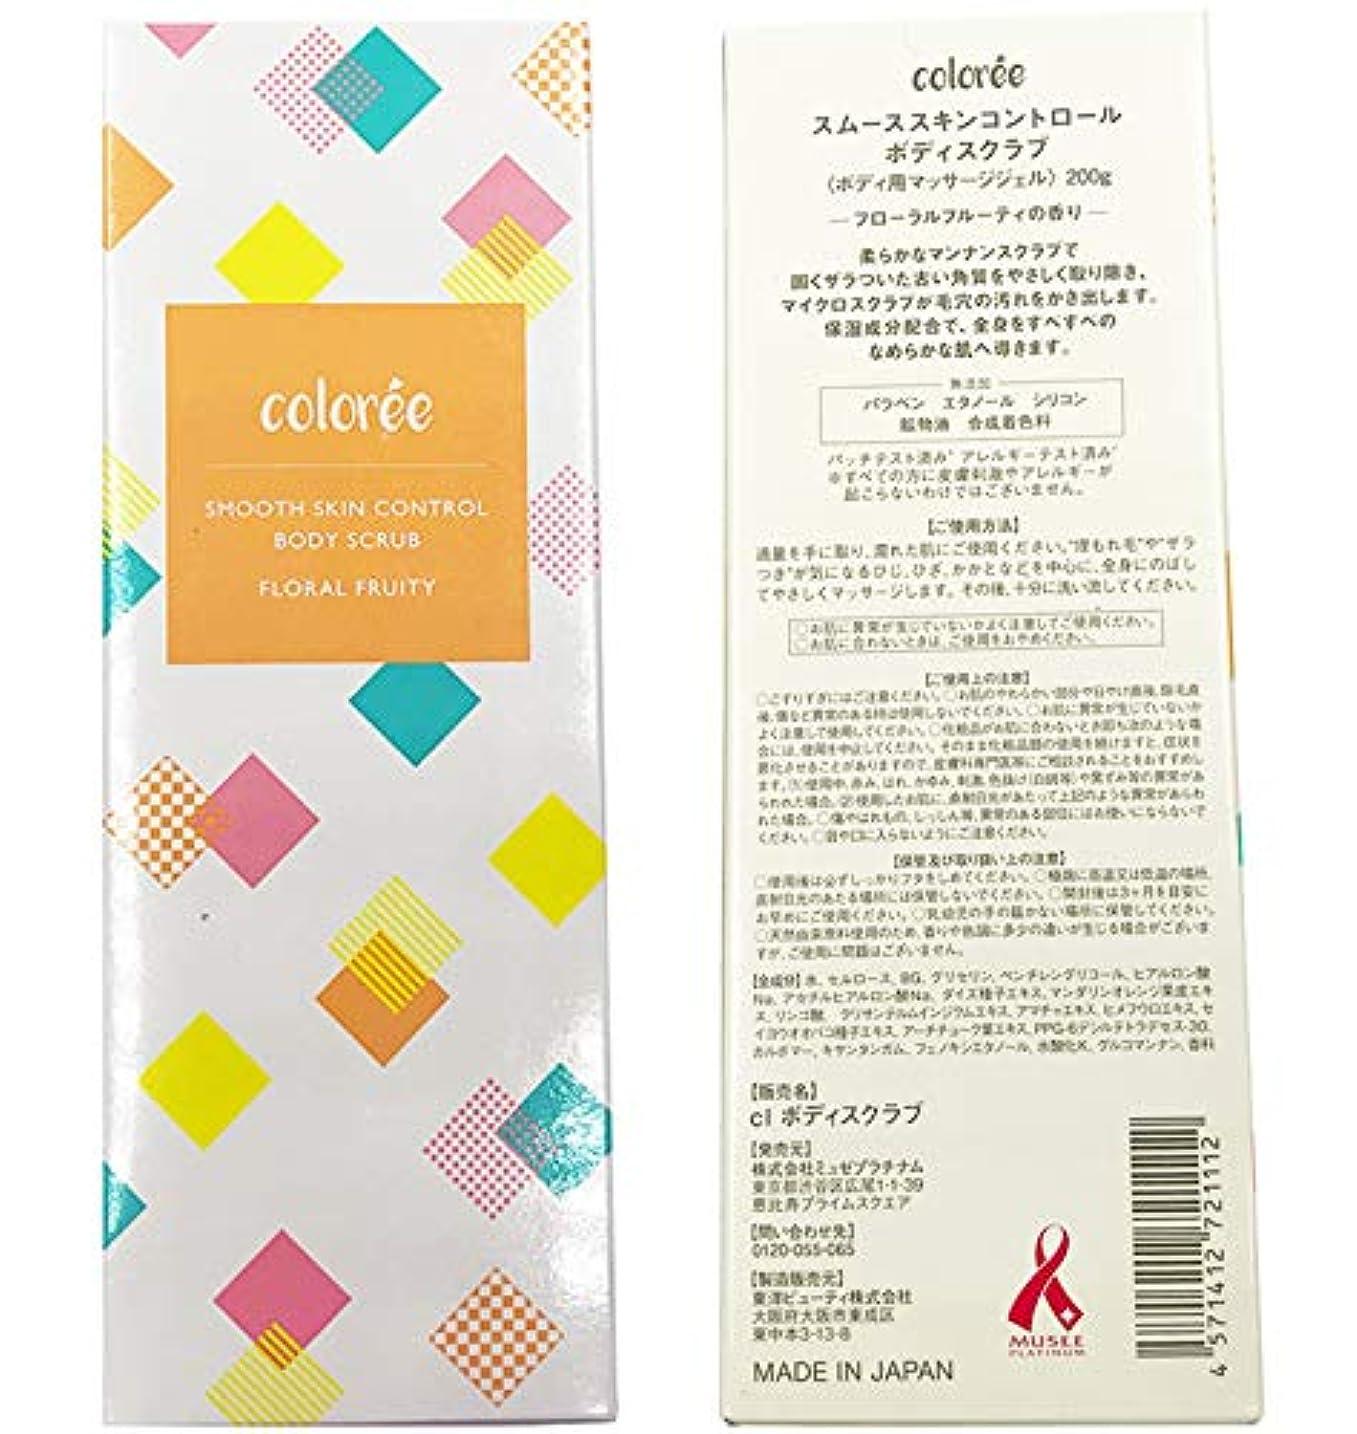 ミュゼプラチナム coloree スムーススキンコントロール ボディスクラブ (フローラルフルーティの香り) 200g